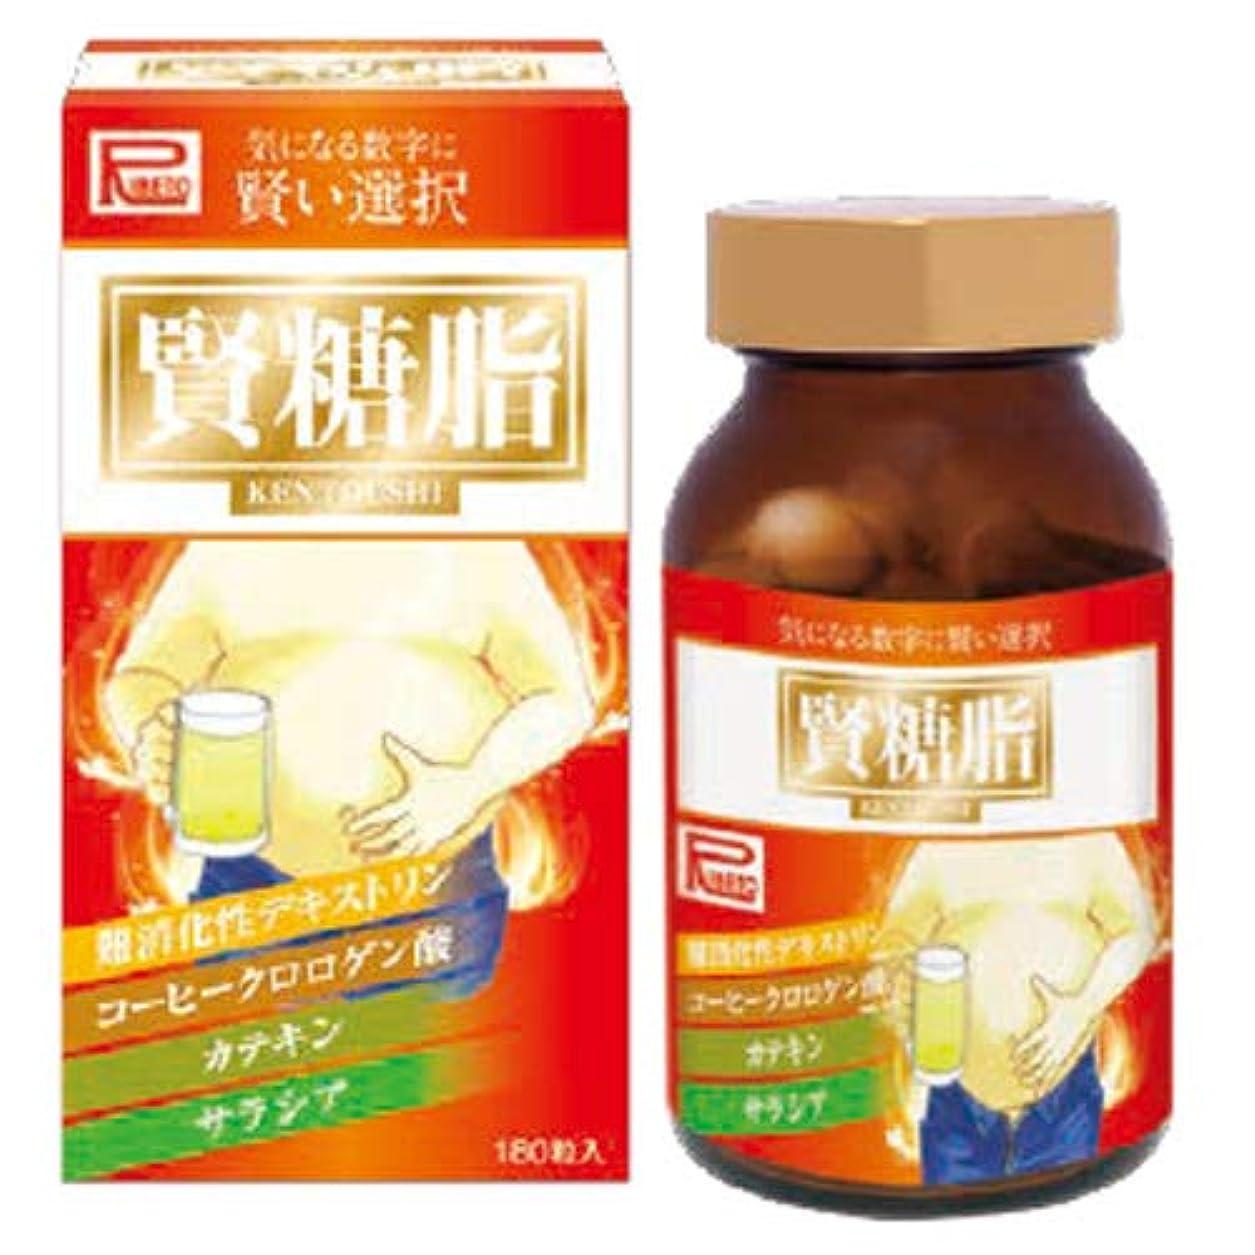 メロディアス時間厳守効能ある賢糖脂(ケントウシ)